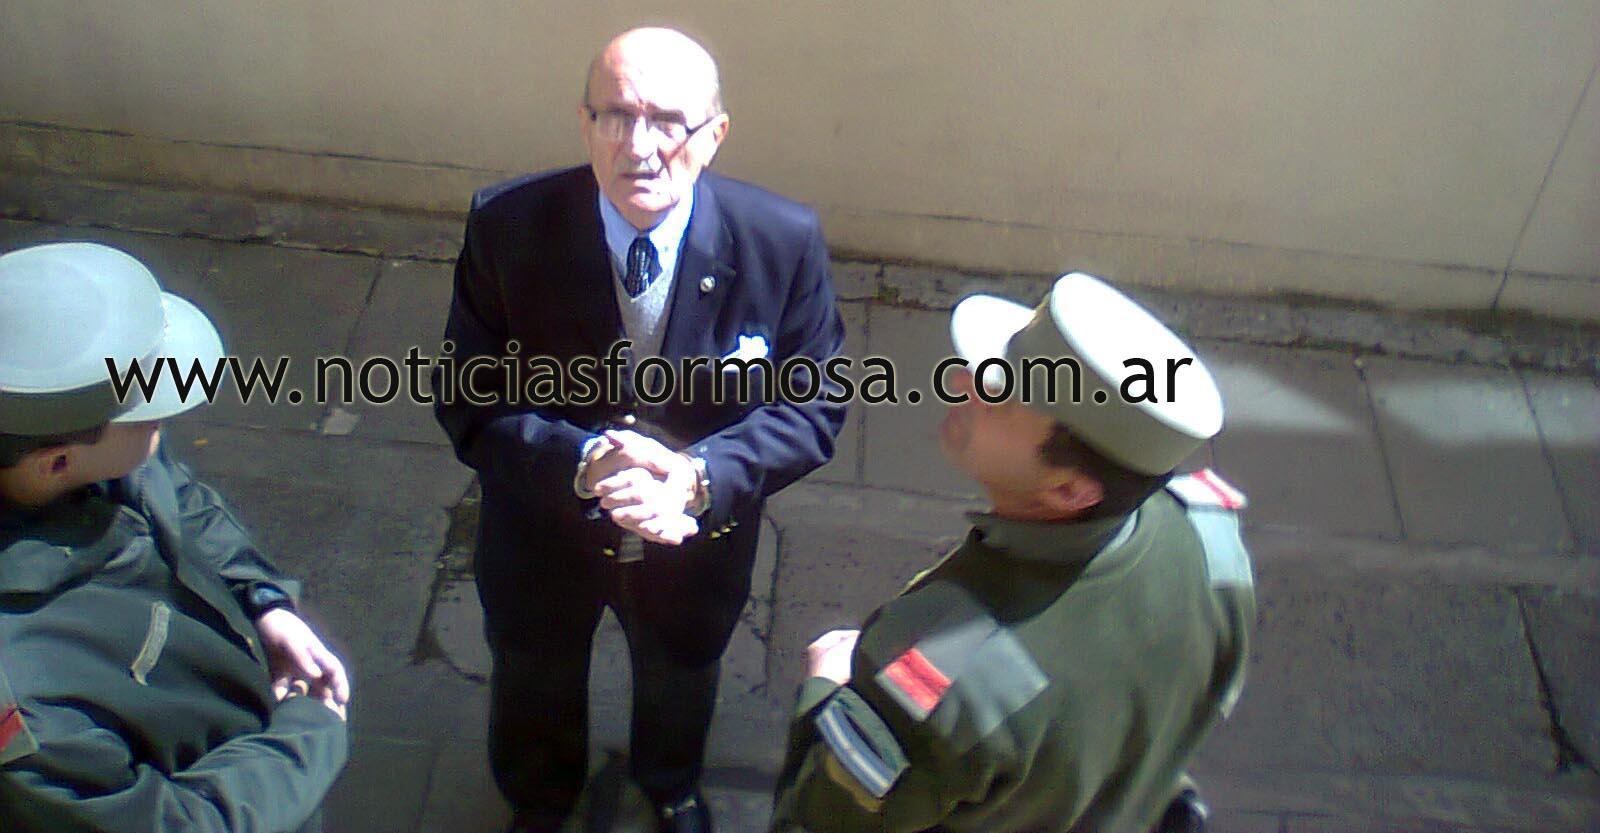 H i j o s salta formosa el militar represor pedrazzini en el juzgado federal la foto for Juzgado togado militar